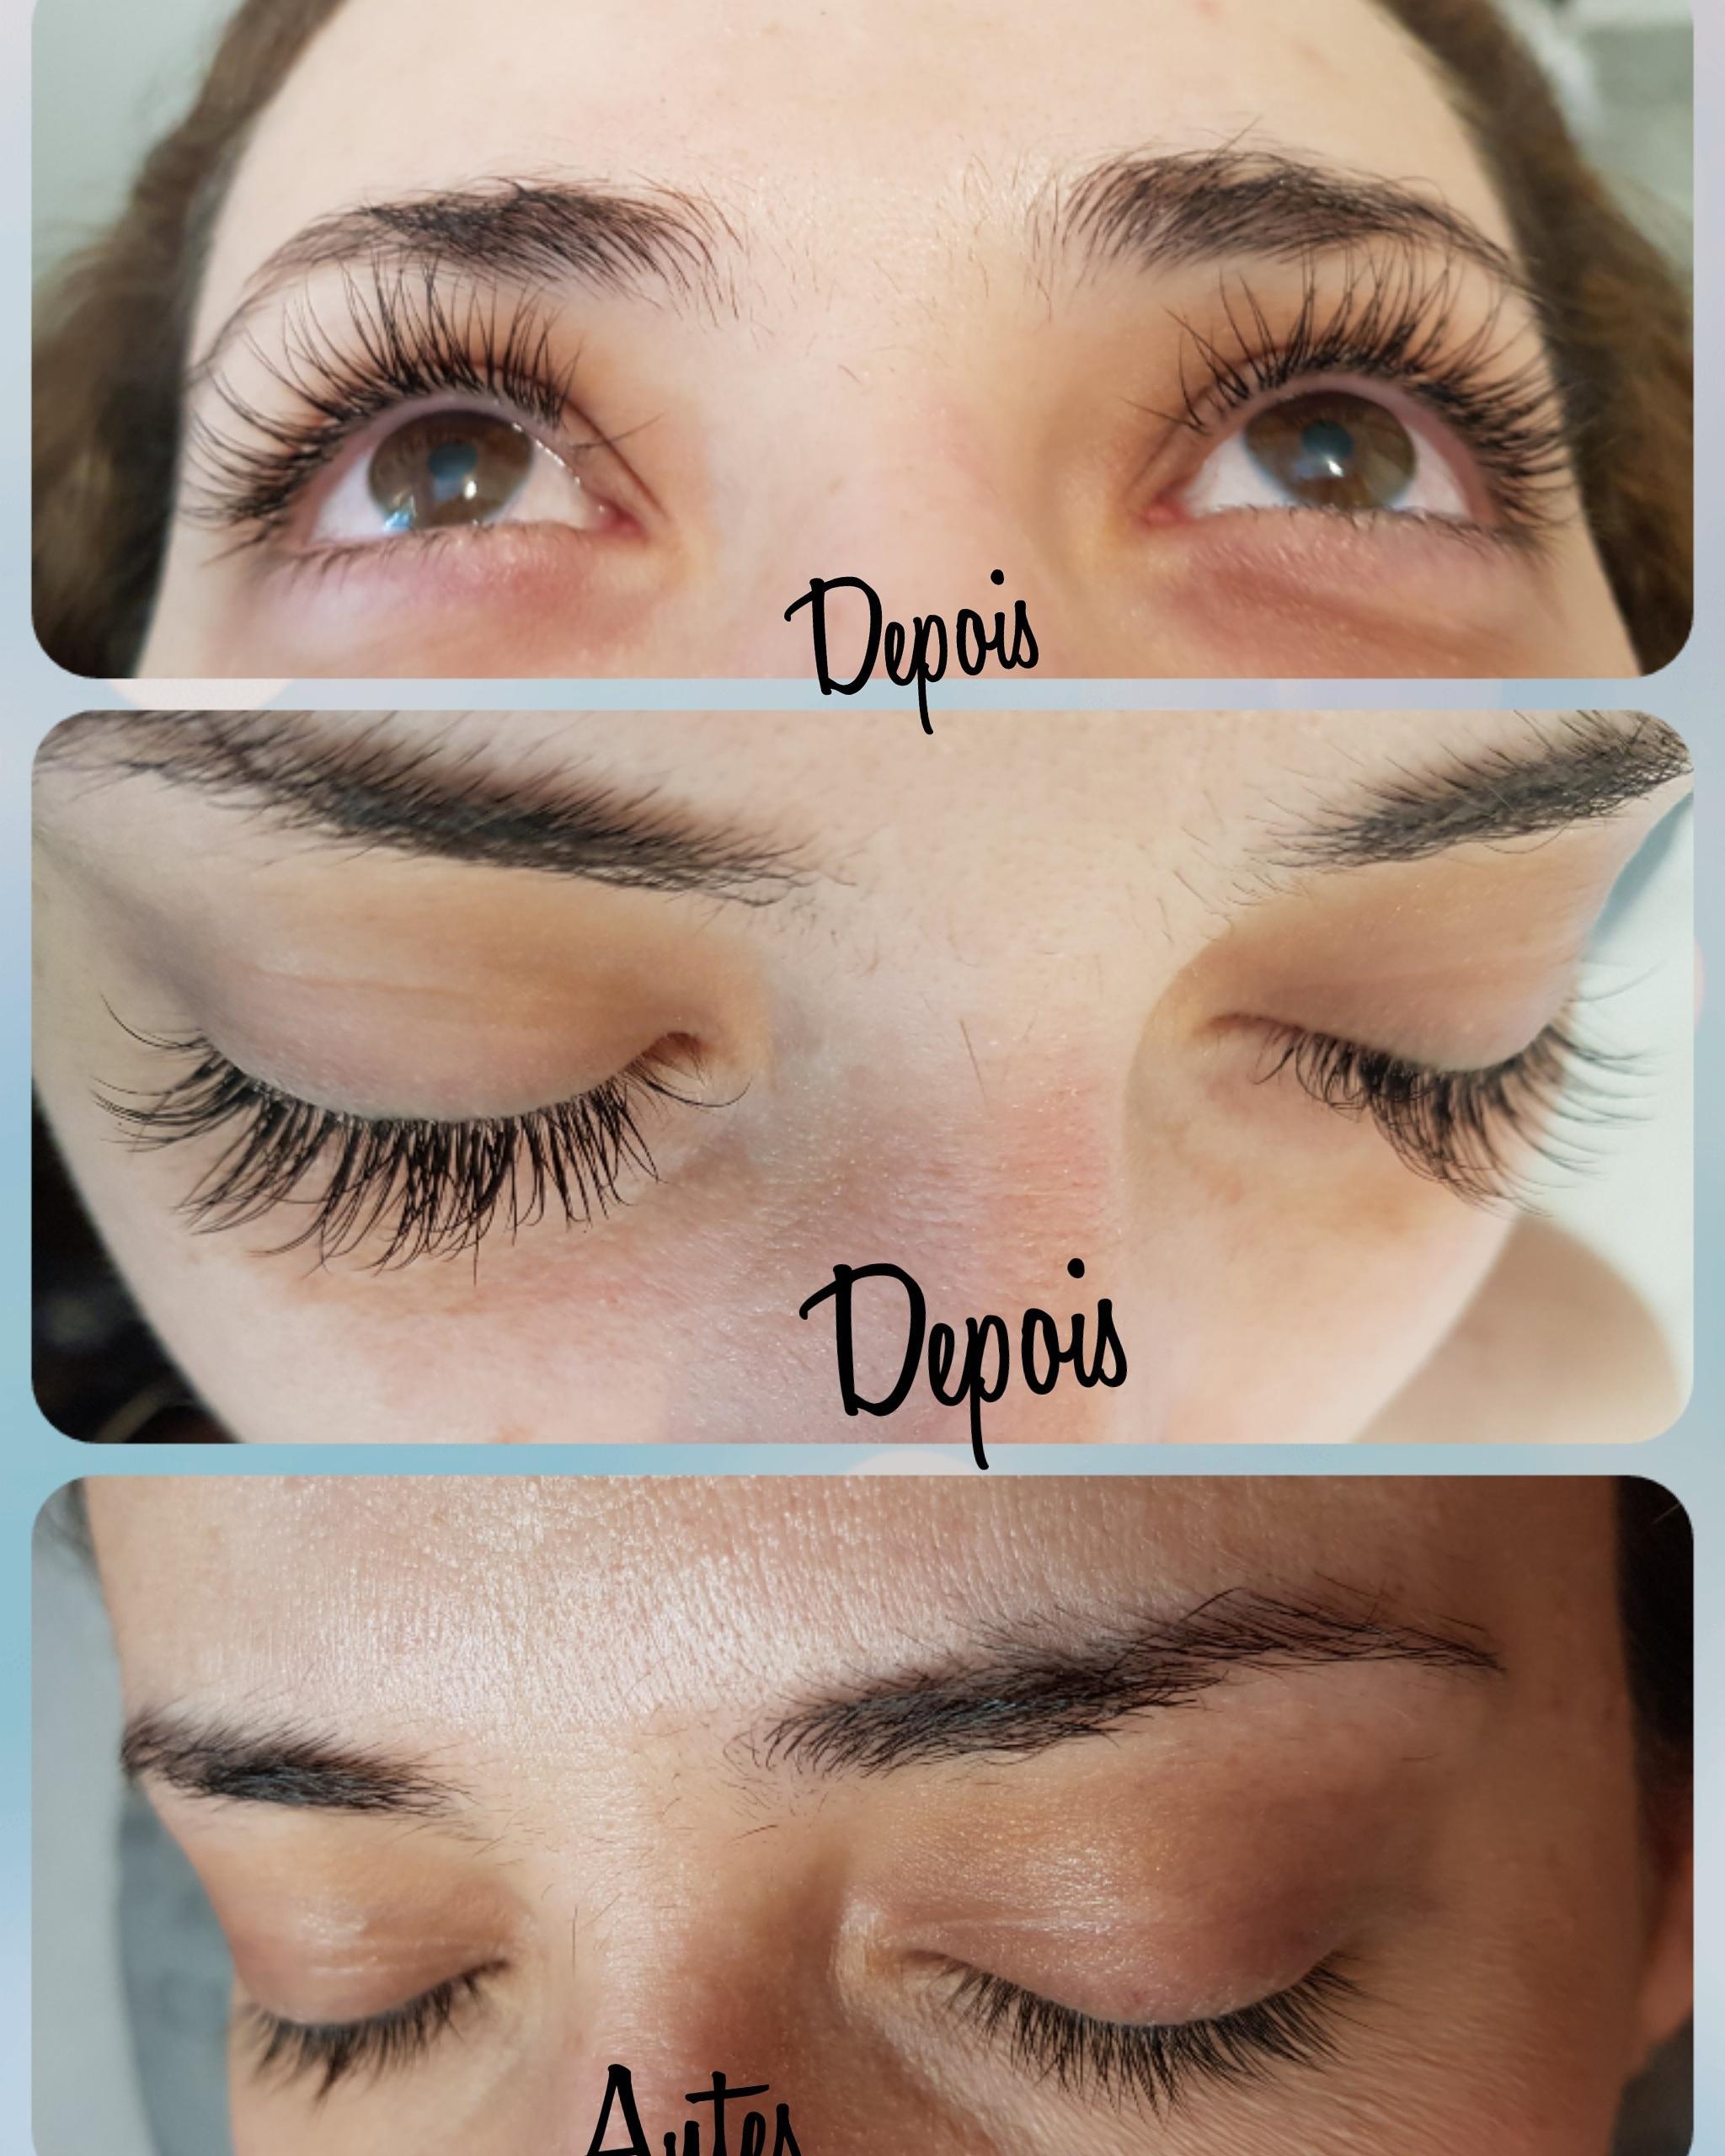 Extensão de cílios fio a fio outros designer de sobrancelhas maquiador(a) dermopigmentador(a) estudante (visagista)